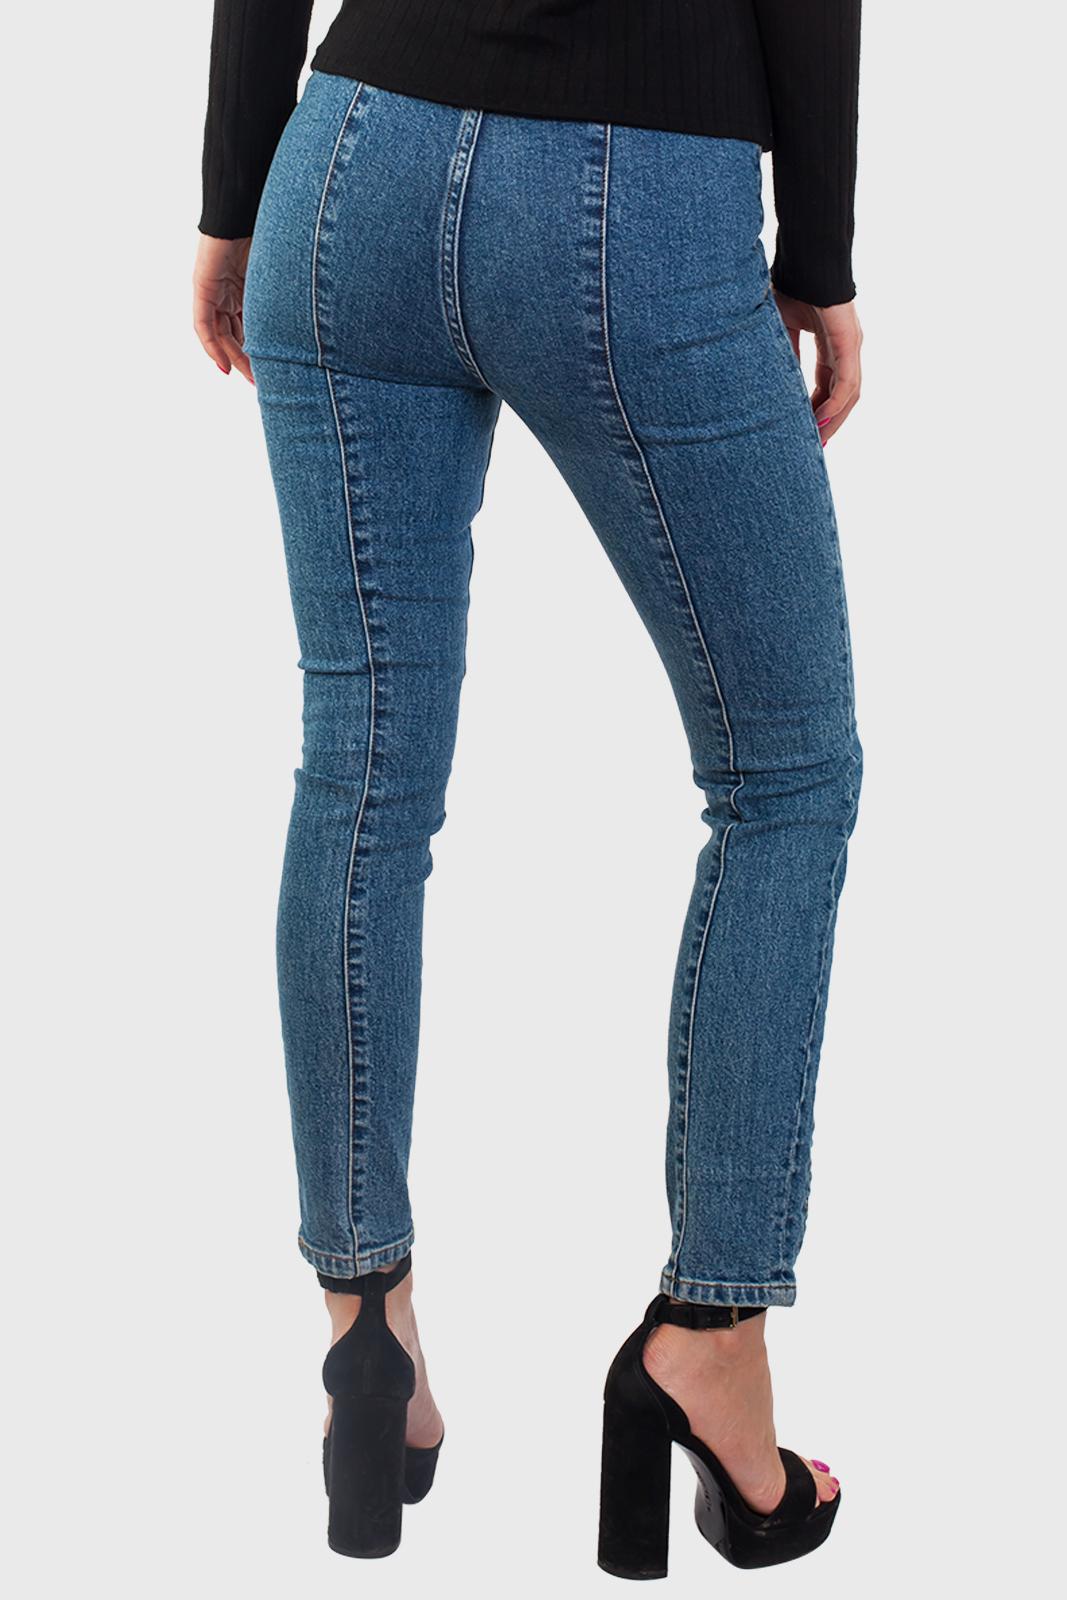 Заказать джинсы со шнуровкой от Los Angeles Atelier